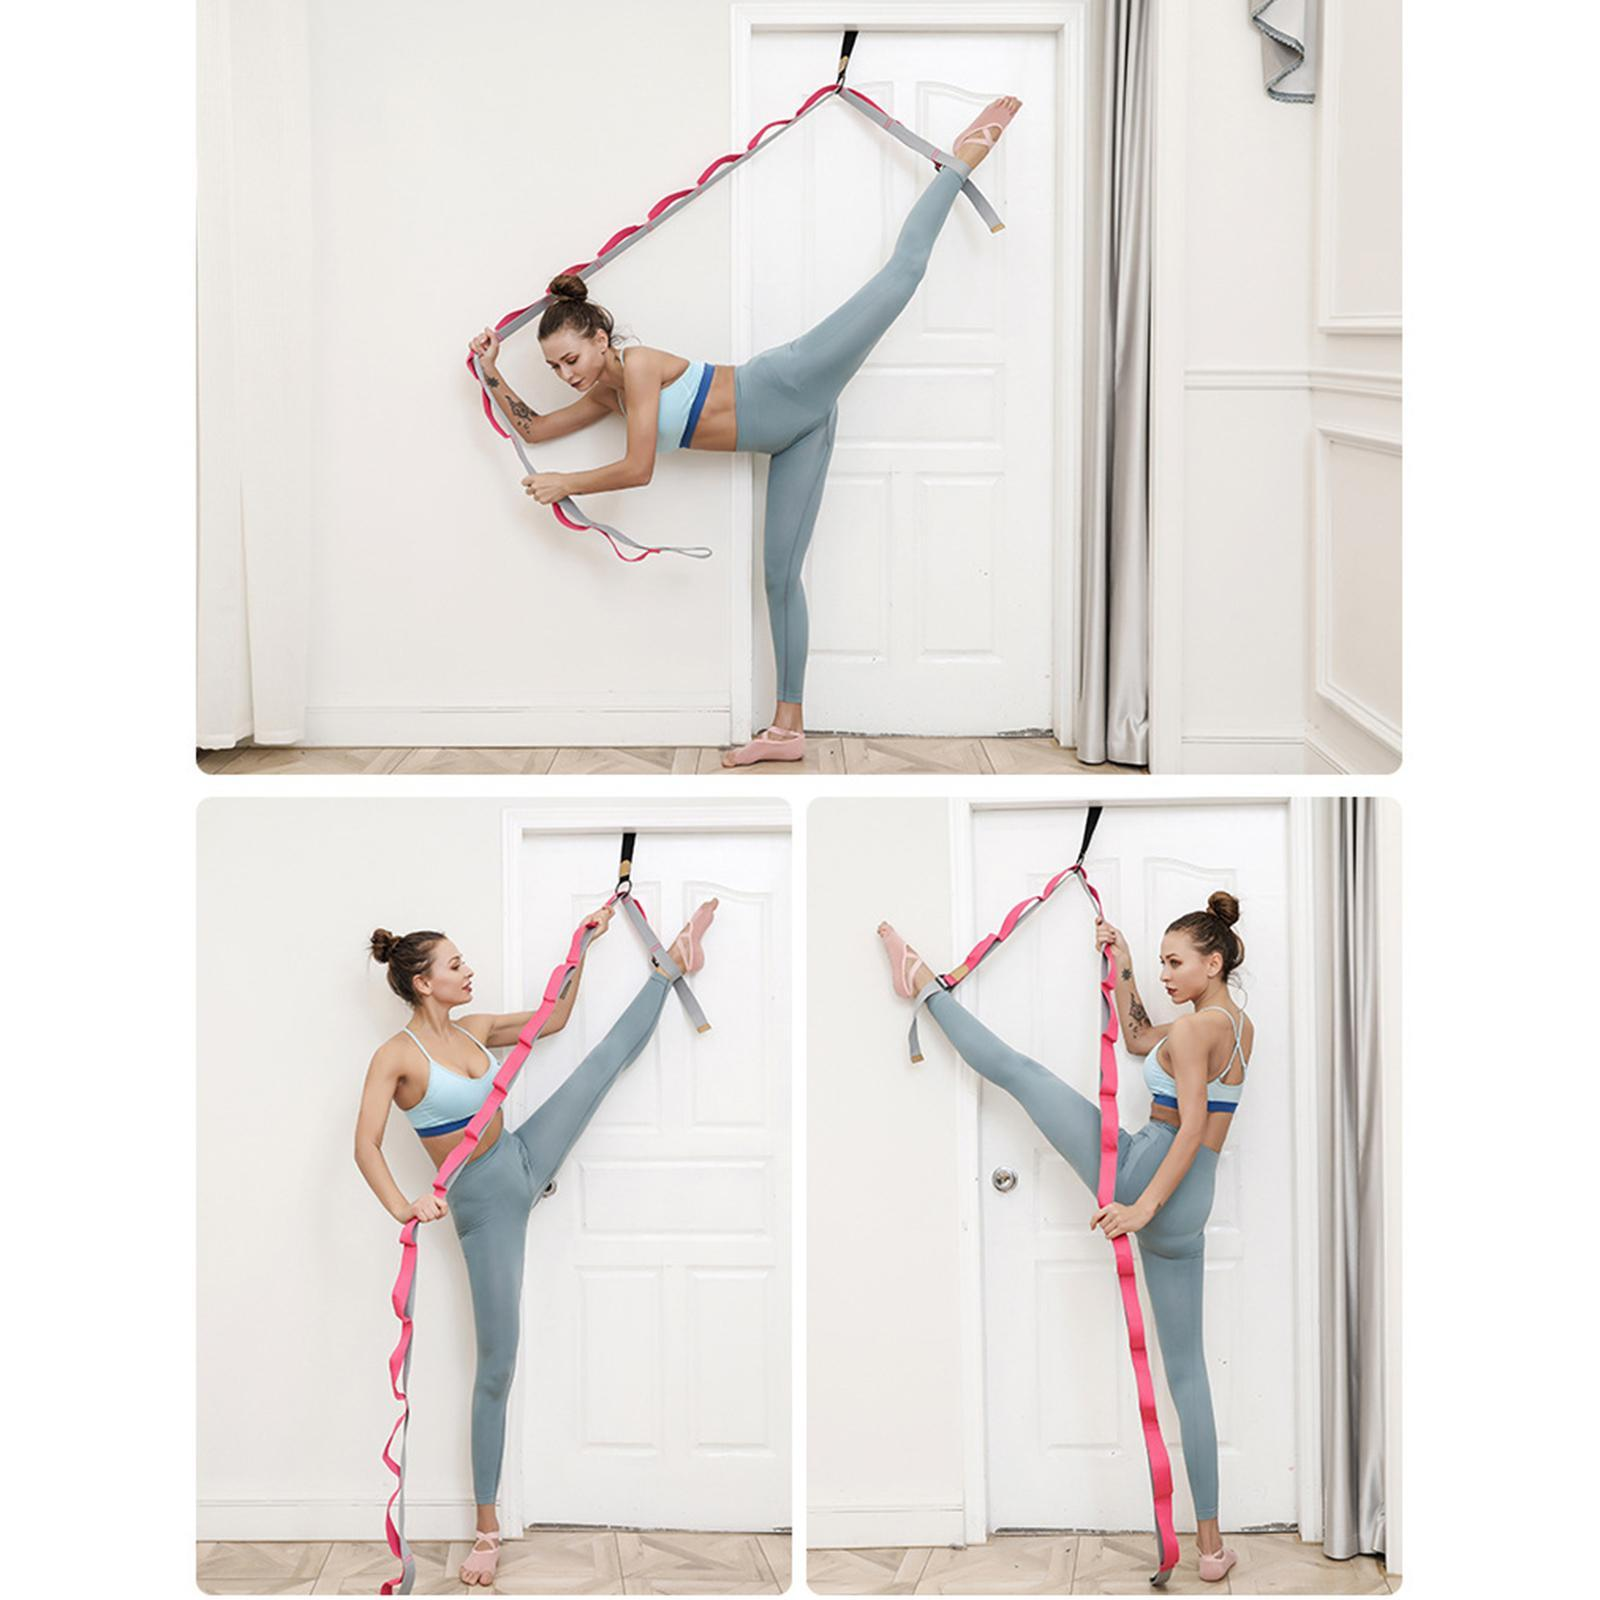 miniatura 32 - Pierna camilla yoga Stretch Strap Latin Dance Gymnastic pull cinturón flexibilidad